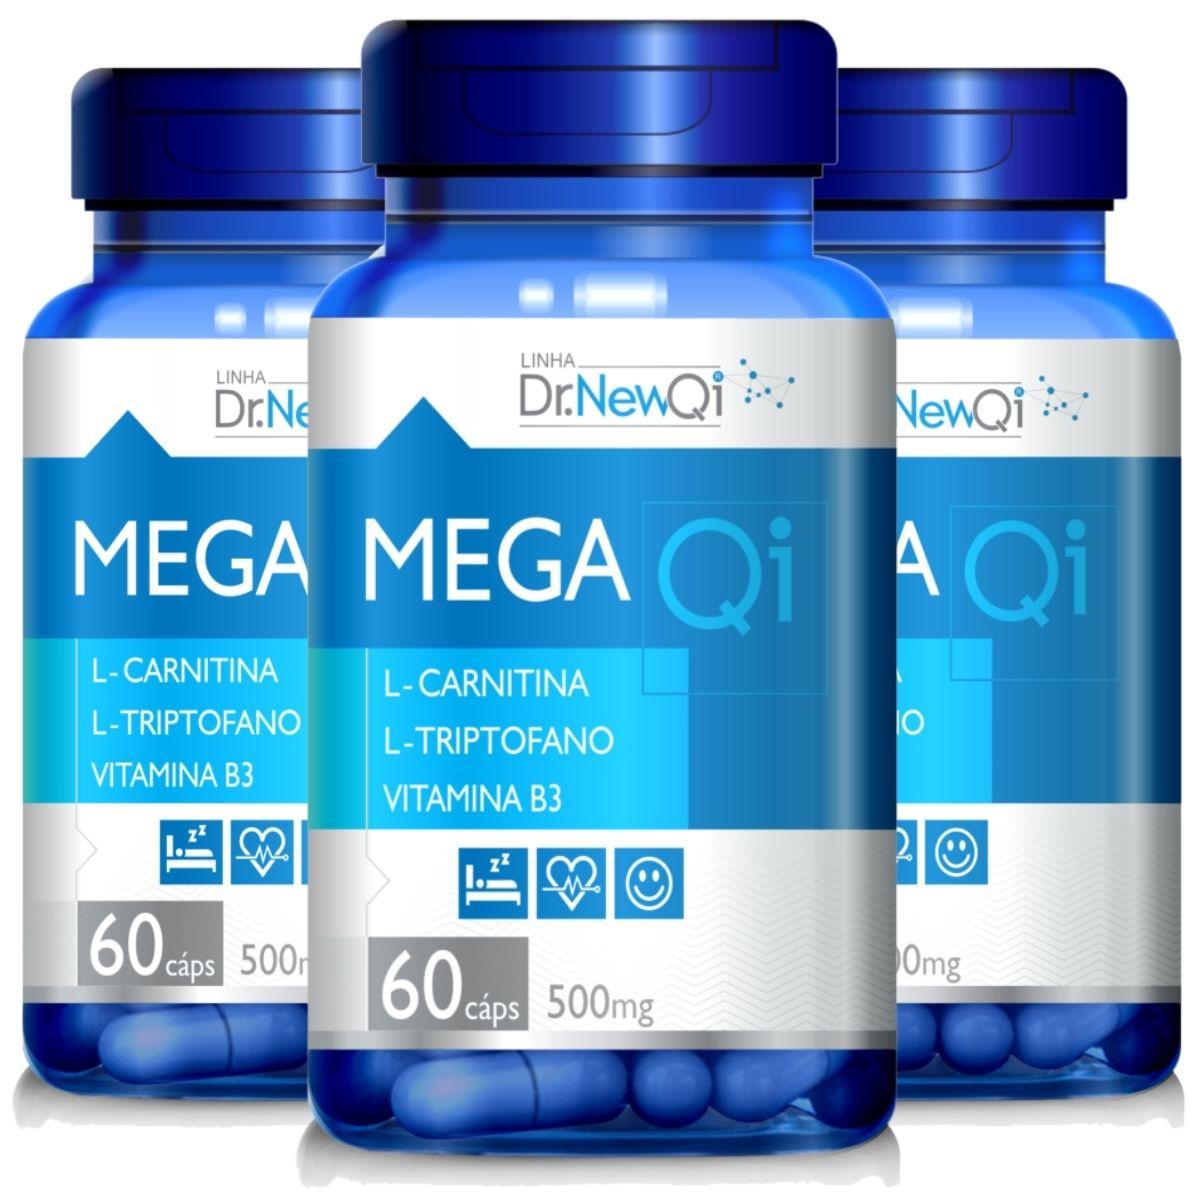 Kit 3 Mega QI L-Triptofano + L-Carnitina + Vit. B3 500mg 60 Cápsulas - Upnutri